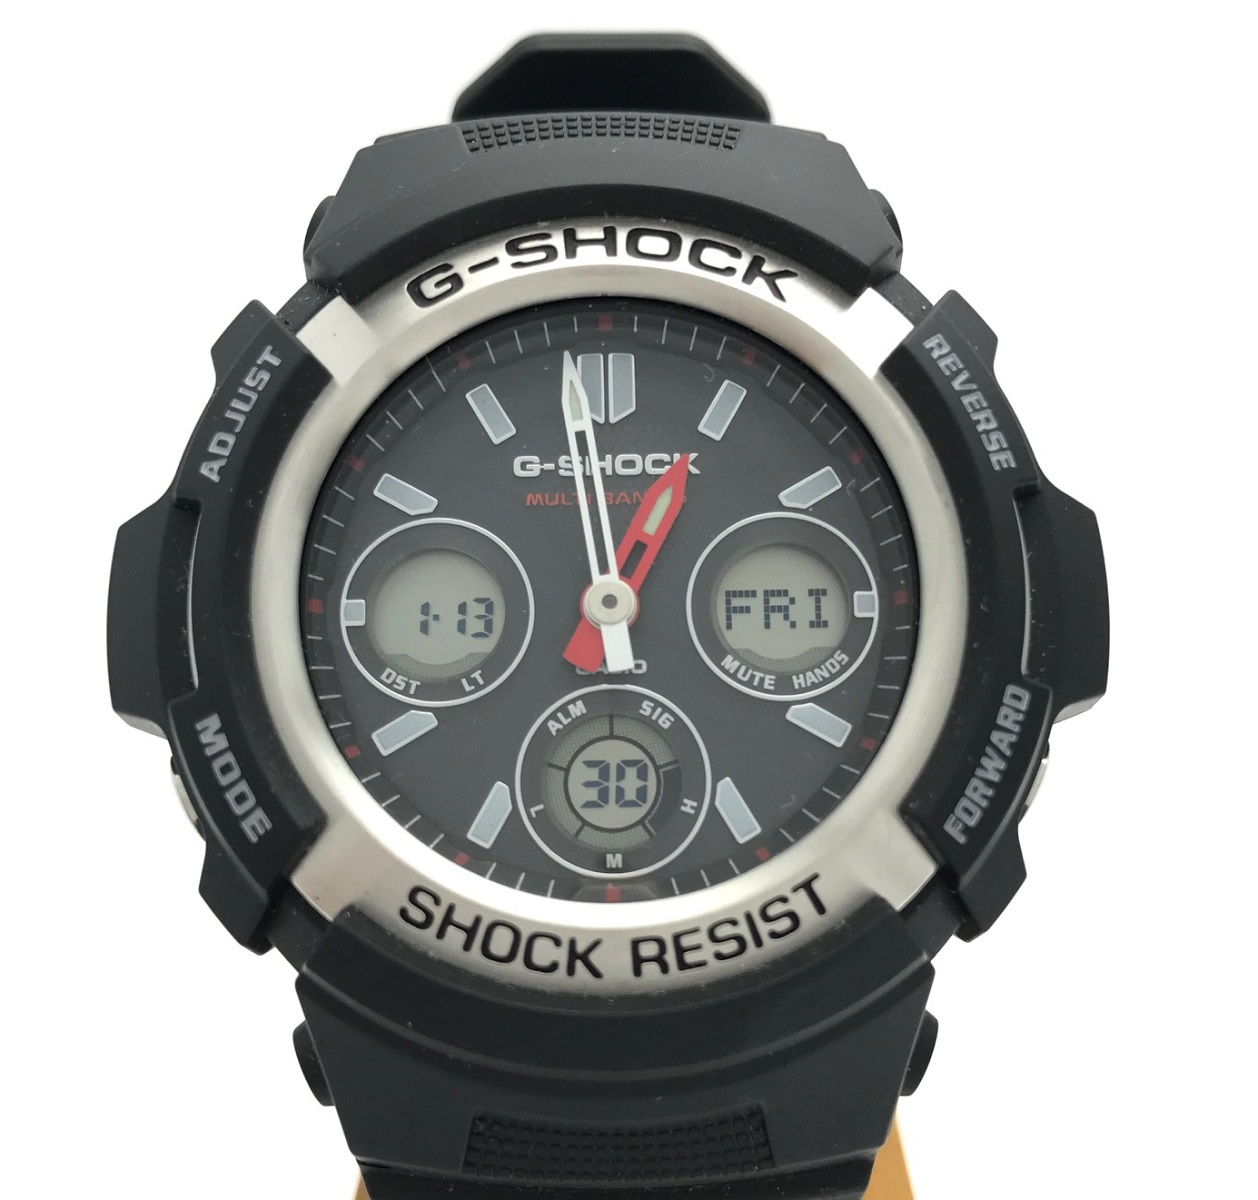 カシオ CASIO G-SHOCK AWG-M100JF マルチバンド6 メンズ ブラック×レッド ソーラー電波時計 腕時計 デジタル×アナログ ラバー 2012年式 未使用展示品 【トレジャースポット】【中古】